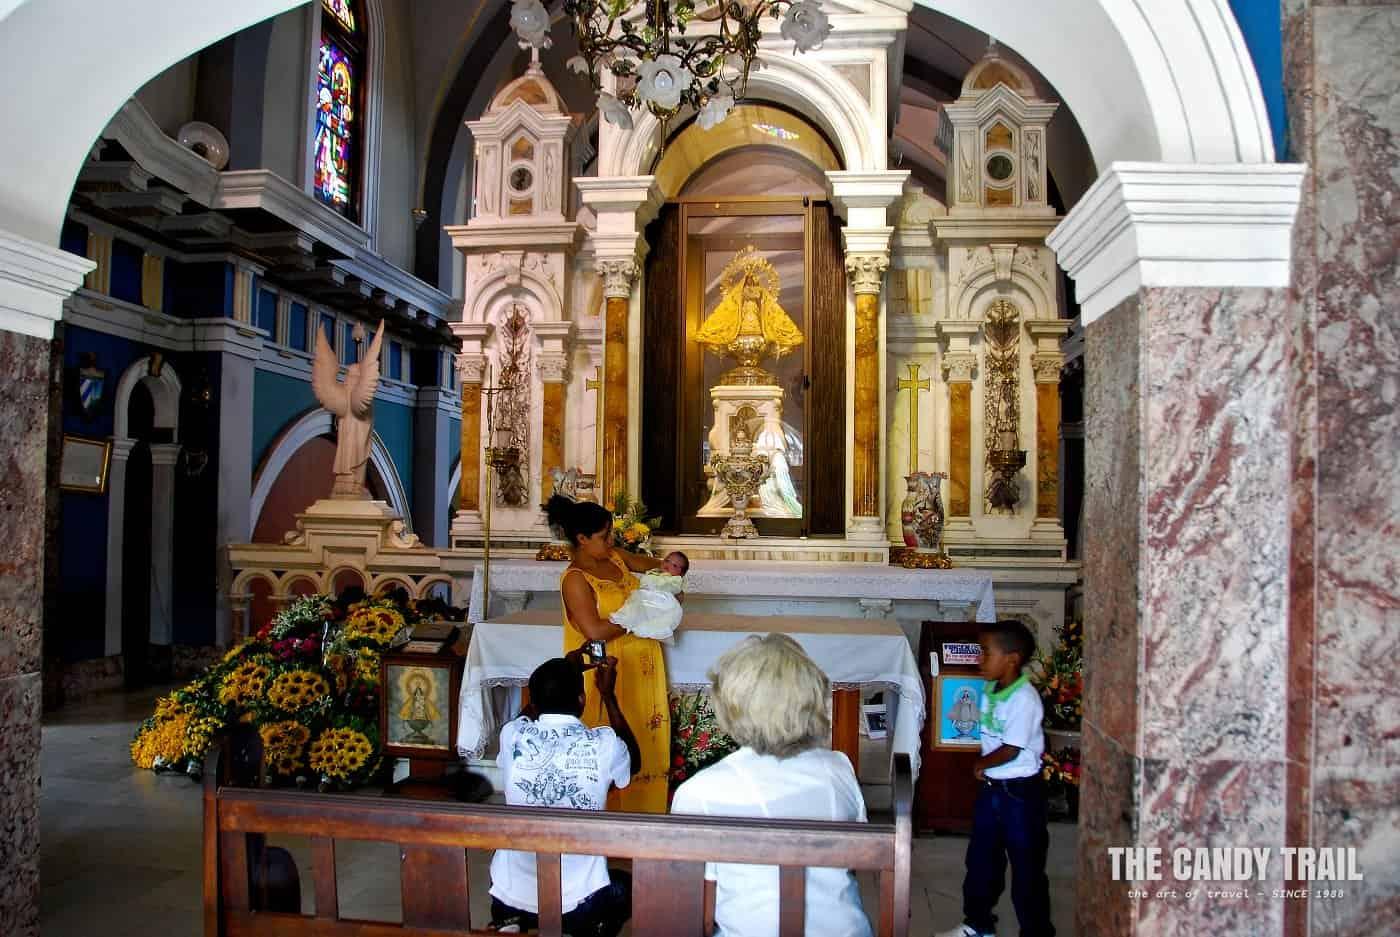 Family with baby pose at the altar of Basilica de Nuestra Señora del Cobre